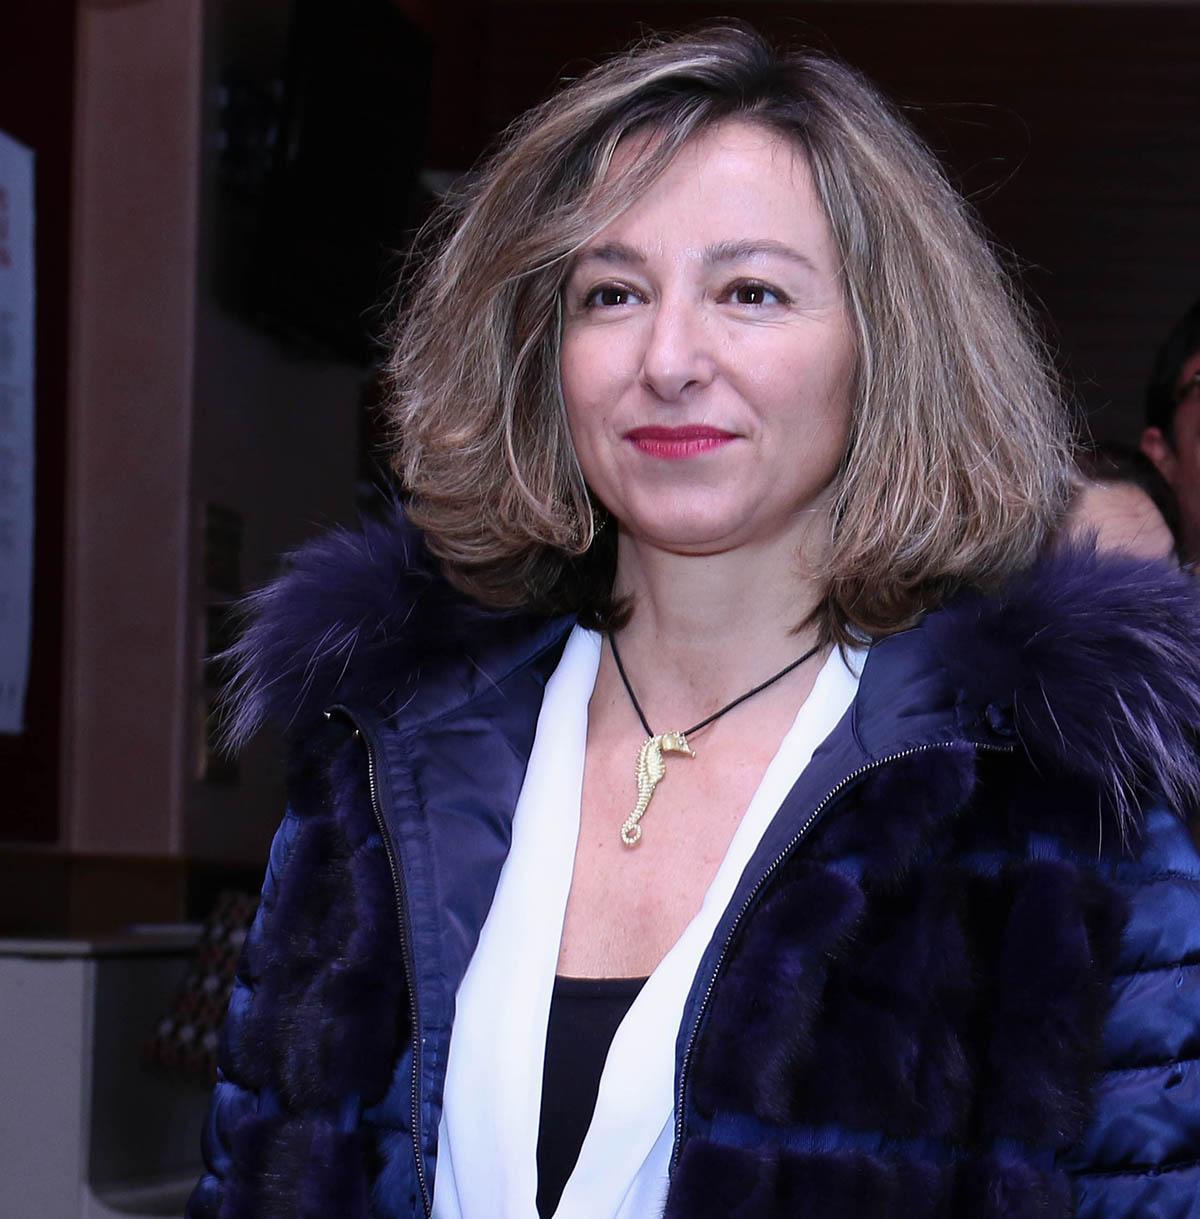 Laura Sicignano, direttore artistico del Teatro Satbile di Catania